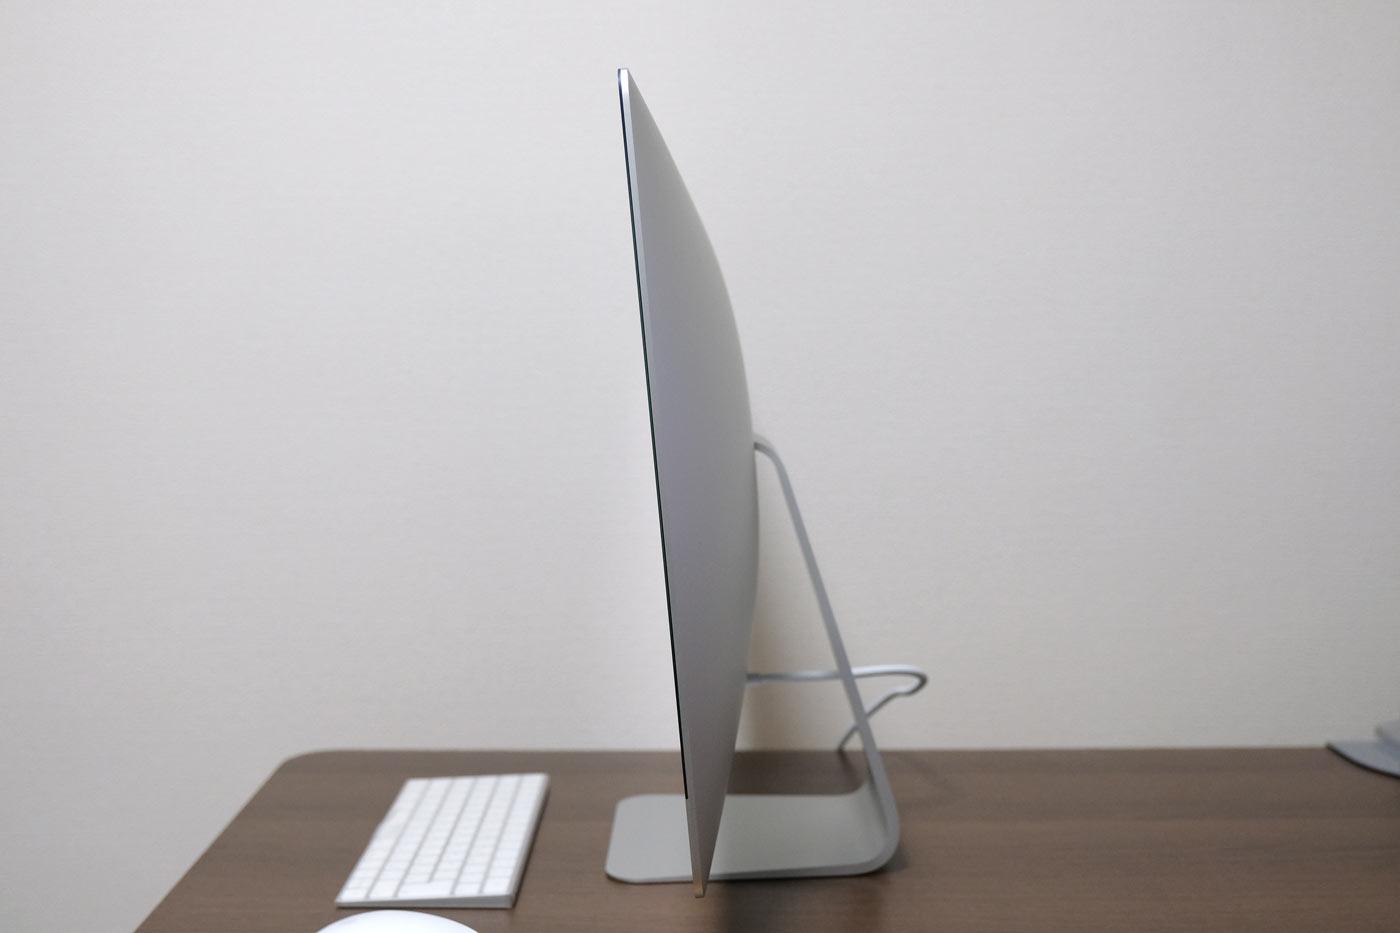 27インチiMac 5K 角度下